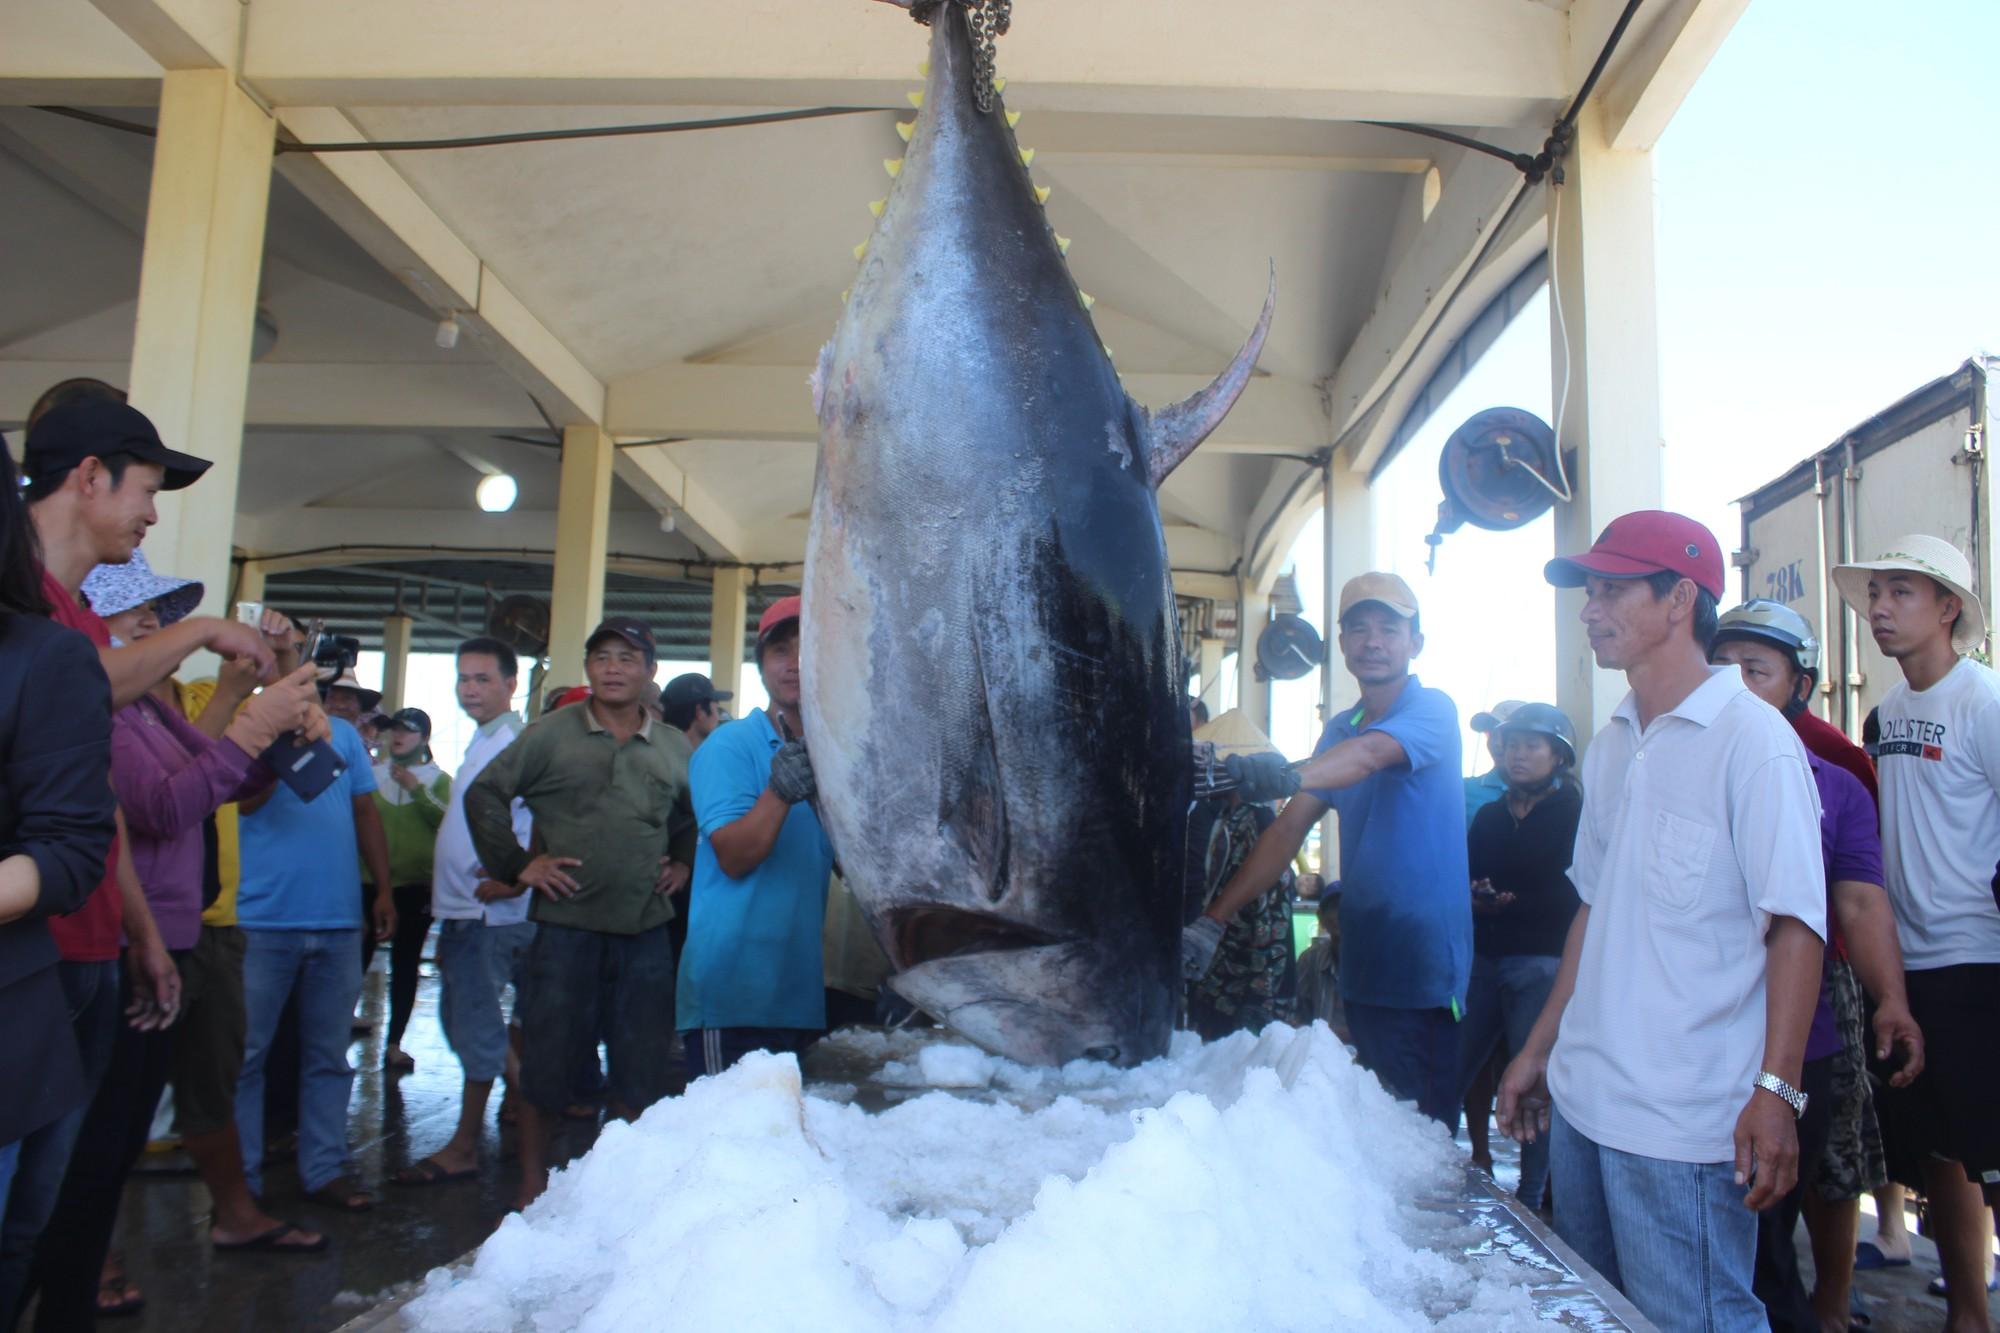 Ngư dân Phú Yên bắt được cá ngừ vây xanh lớn nhất Việt Nam - Ảnh 1.